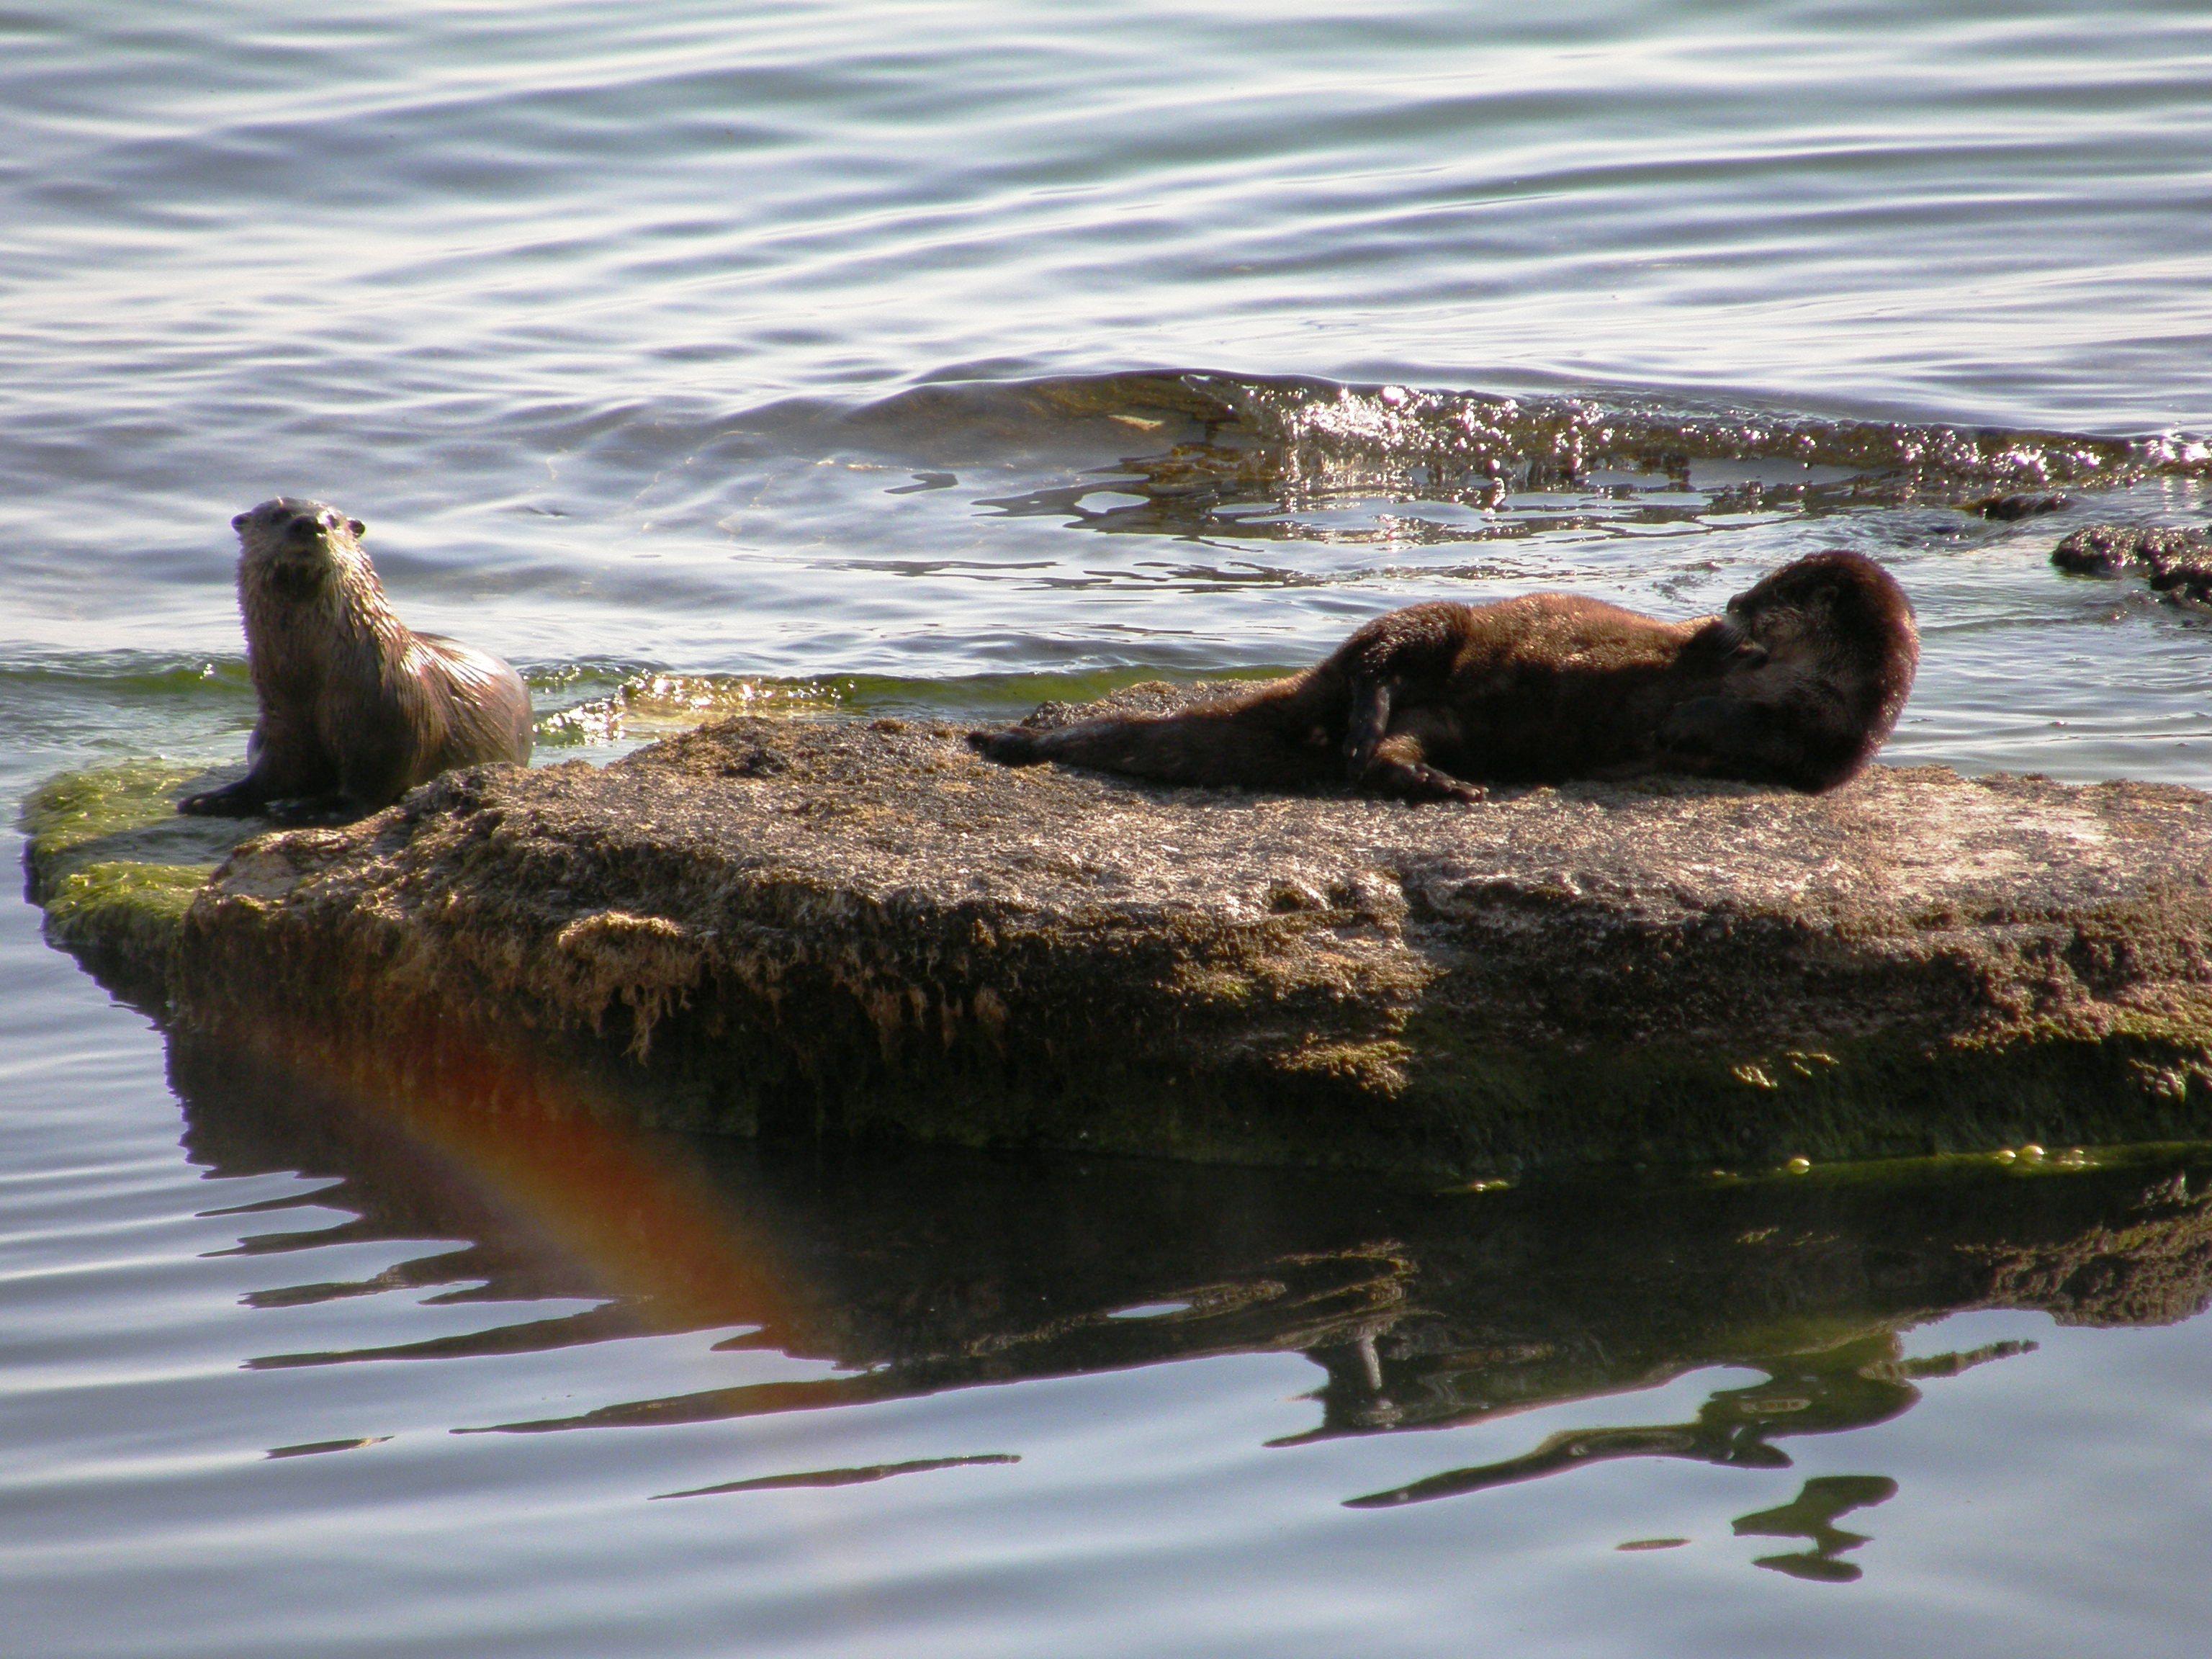 yellowstone, yellowstone national park, otters